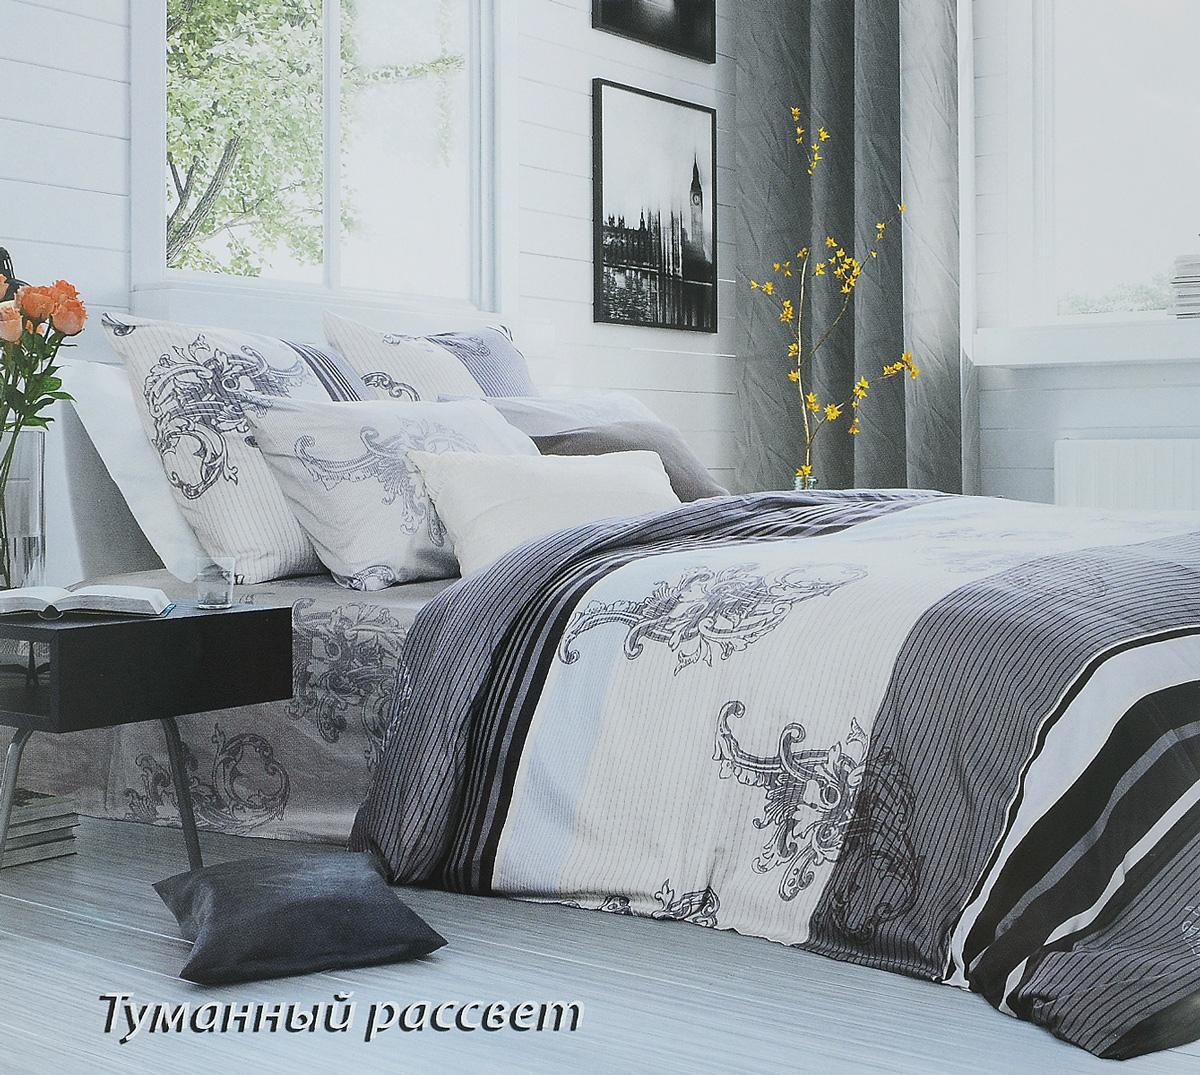 Комплект белья Tiffanys Secret Туманный рассвет, евро, наволочки 50х70, цвет: серый, белый2040115978Комплект постельного белья Tiffanys Secret Туманный рассвет является экологически безопасным для всей семьи, так как выполнен из сатина (100% хлопок). Комплект состоит из пододеяльника, простыни и двух наволочек. Предметы комплекта оформлены оригинальным рисунком. Благодаря такому комплекту постельного белья вы сможете создать атмосферу уюта и комфорта в вашей спальне. Сатин - это ткань, навсегда покорившая сердца человечества. Ценившие роскошь персы называли ее атлас, а искушенные в прекрасном французы - сатин. Секрет высококачественного сатина в безупречности всего технологического процесса. Эту благородную ткань делают только из отборной натуральной пряжи, которую получают из самого лучшего тонковолокнистого хлопка. Благодаря использованию самой тонкой хлопковой нити получается необычайно мягкое и нежное полотно. Сатиновое постельное белье превращает жаркие летние ночи в прохладные и освежающие, а холодные зимние - в теплые и согревающие. ...